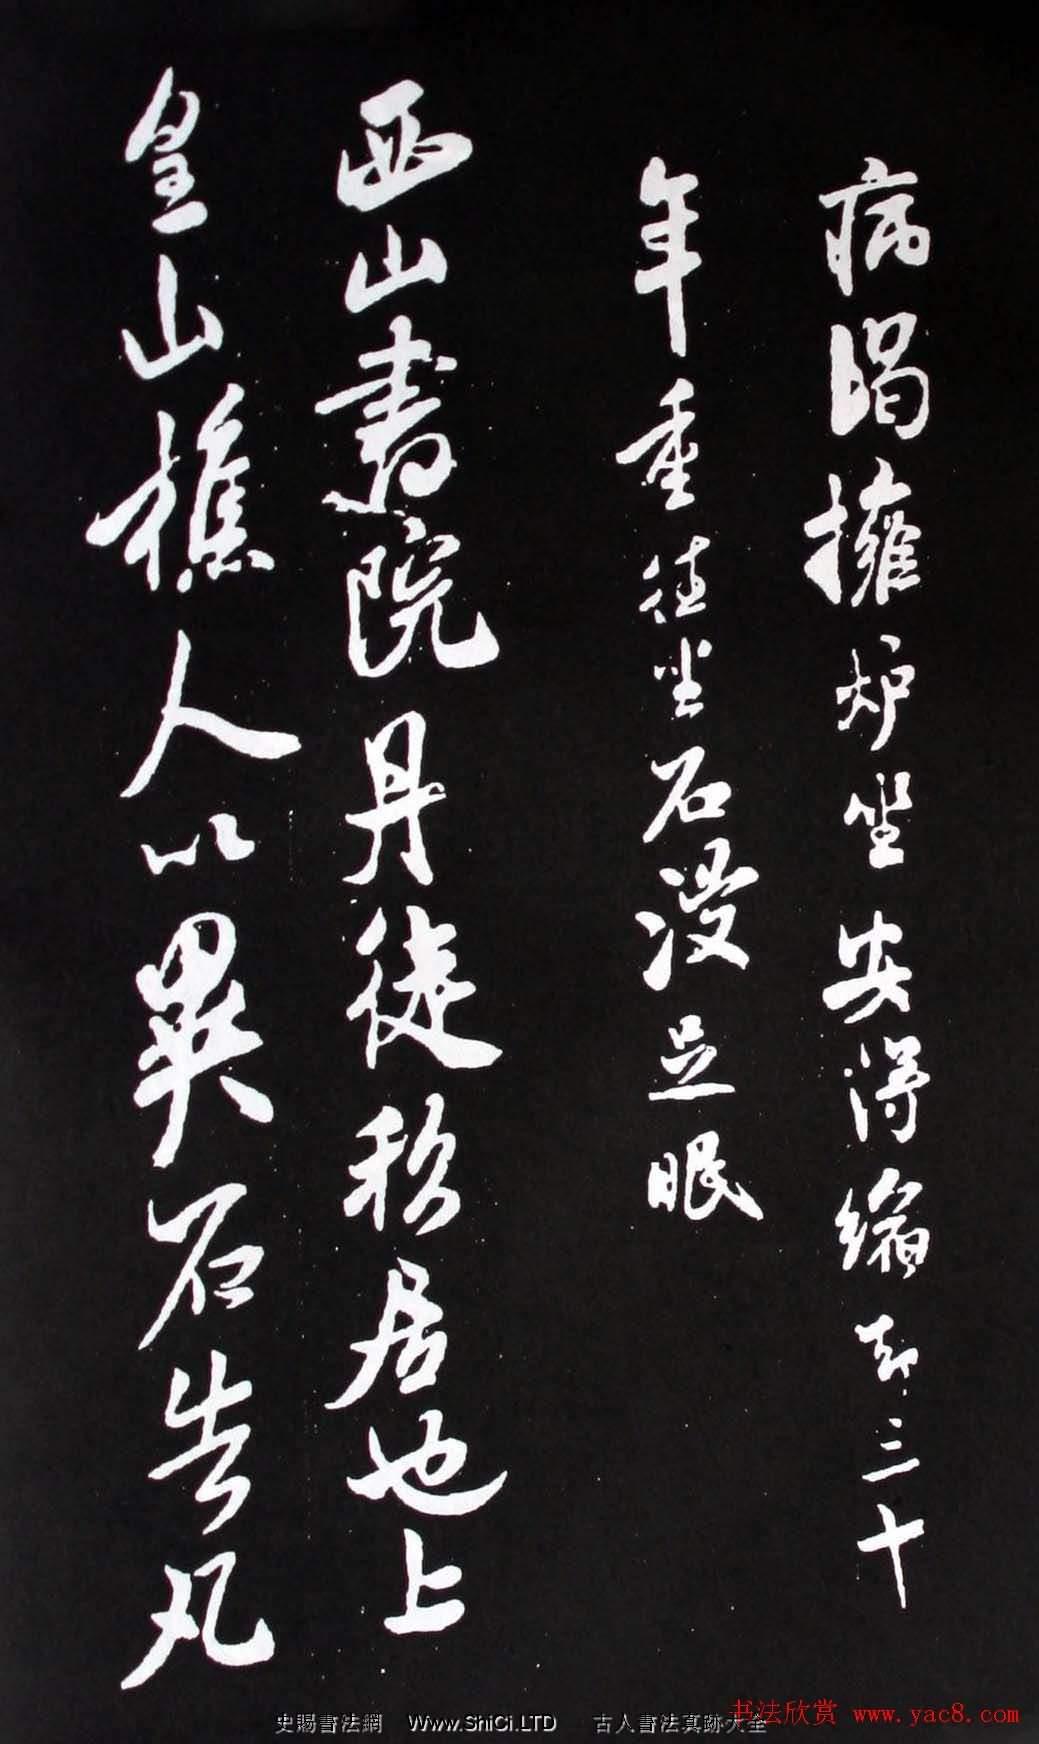 宋代米芾書法行書真跡欣賞《異石帖》(共3張圖片)